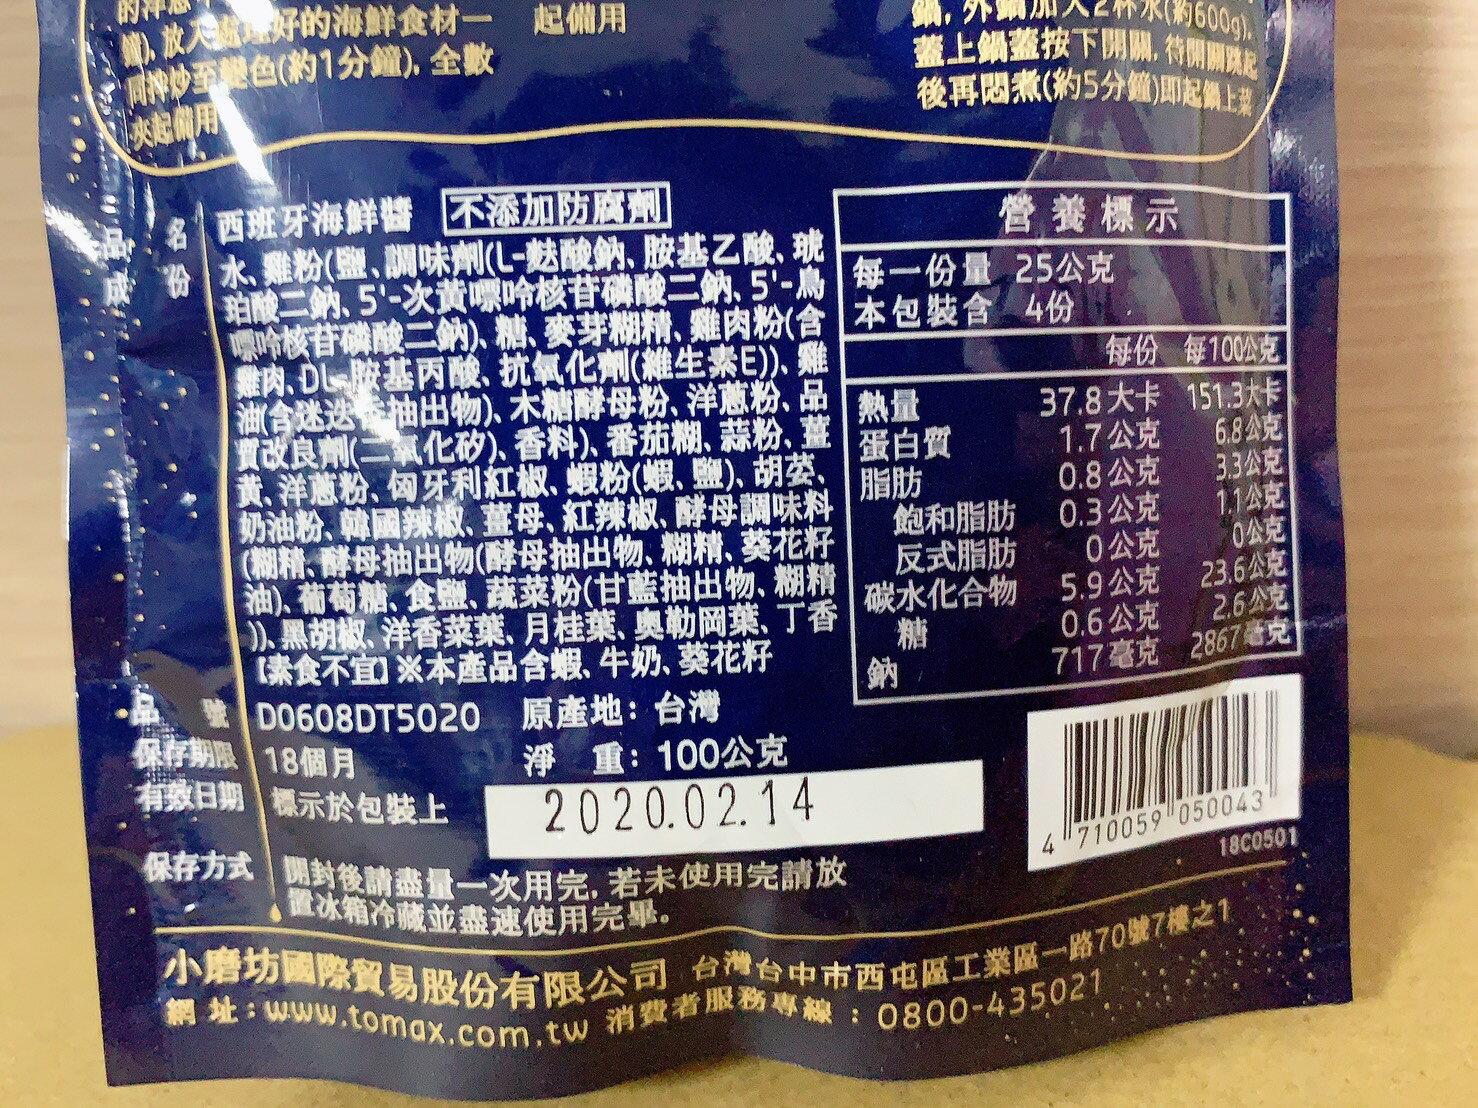 小磨坊 西班牙海鮮醬 醬料包 調理包 調味 燉飯 海鮮風味 單包販售 3